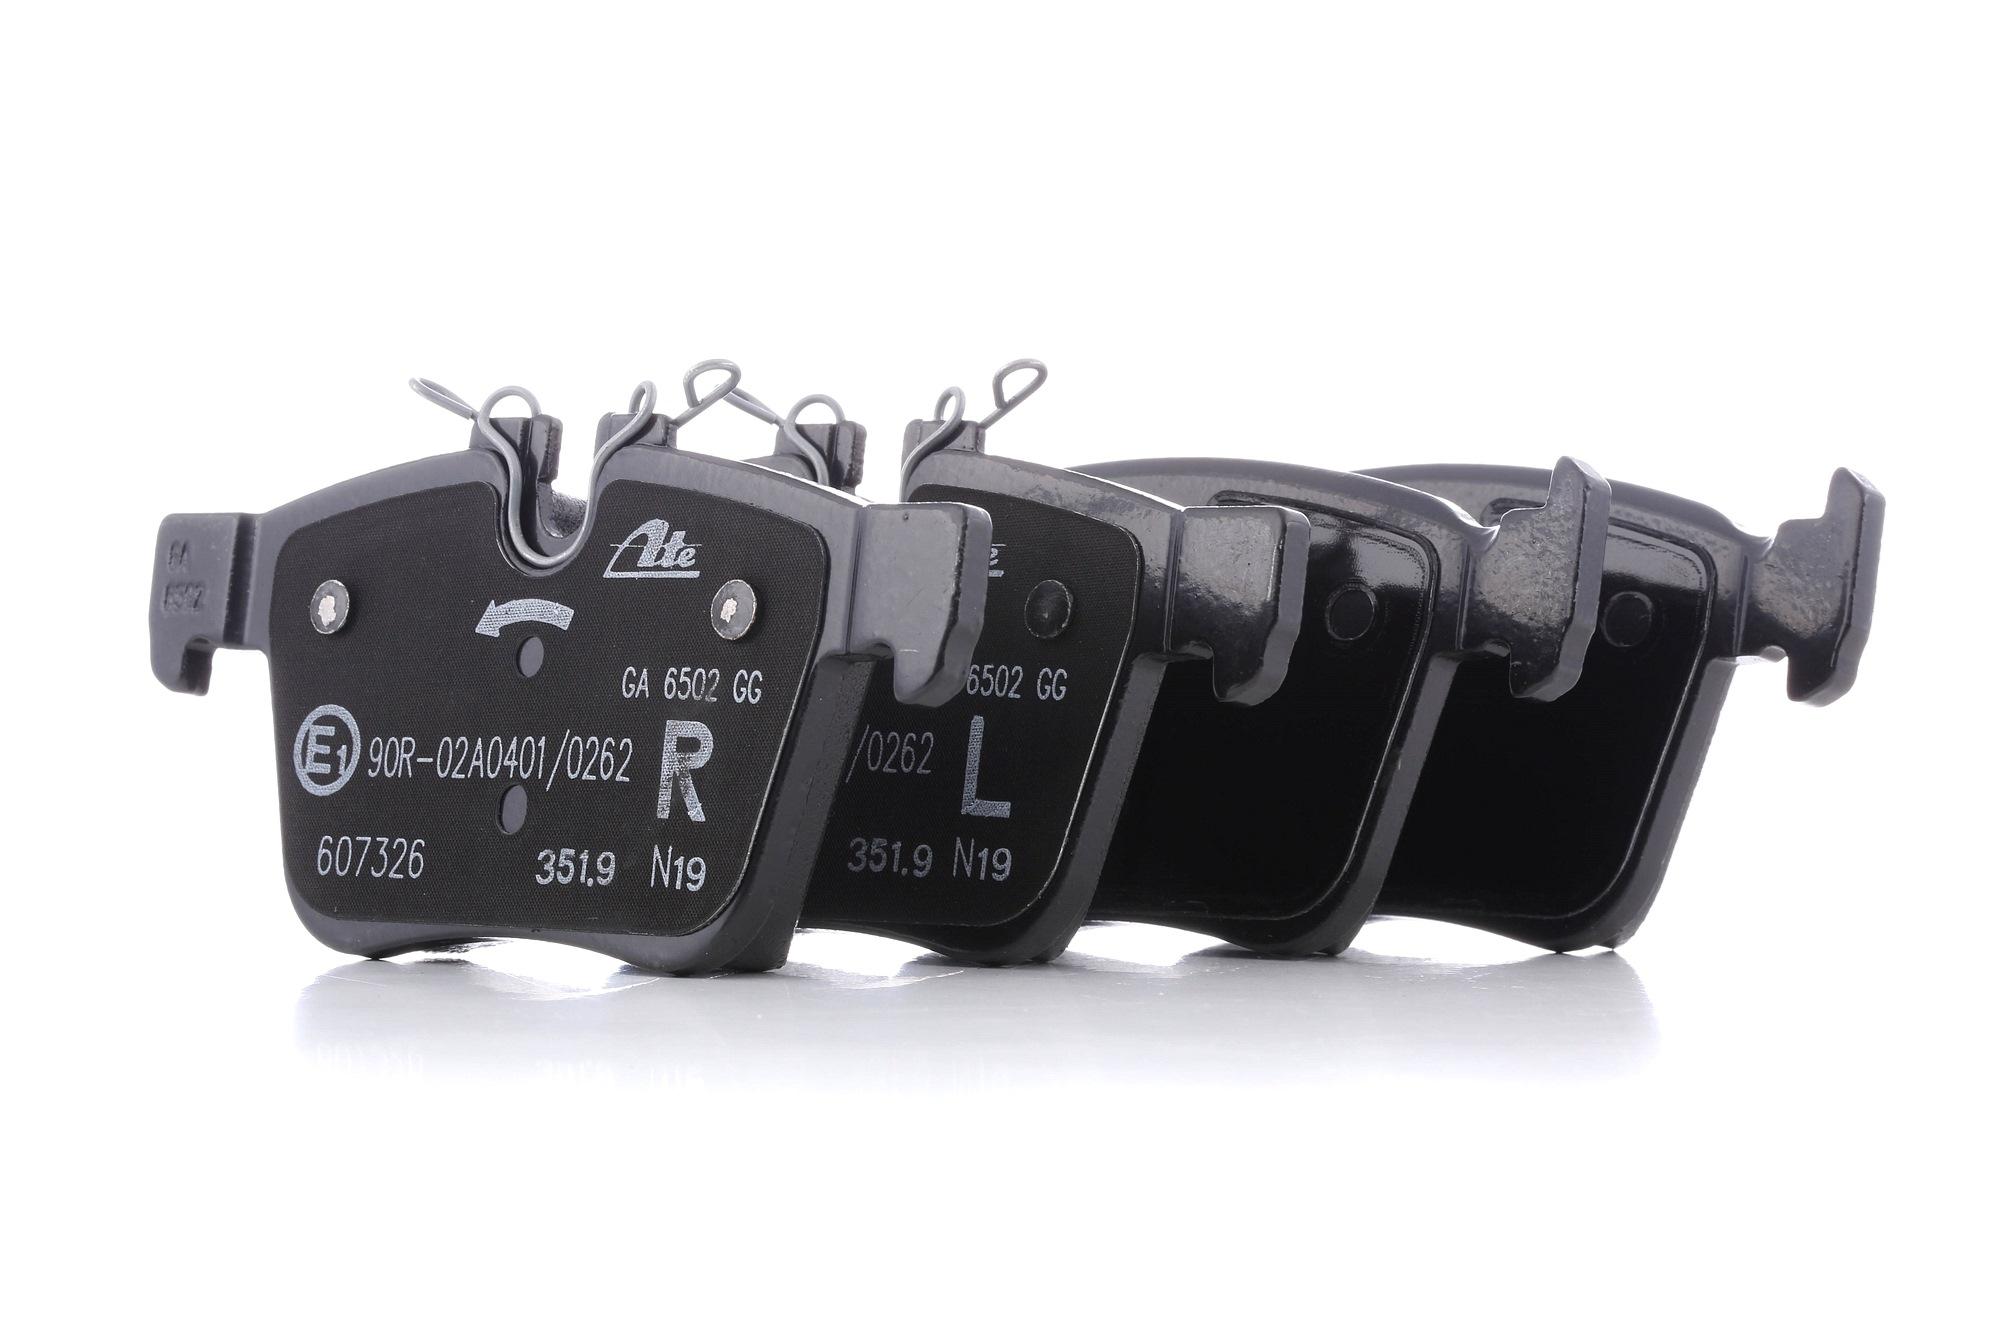 22142 ATE exkl. Verschleißwarnkontakt, für Verschleißwarnanzeiger vorbereitet Höhe 1: 56,2mm, Höhe 2: 59,7mm, Breite 1: 122,4mm, Breite 2: 122,4mm, Dicke/Stärke: 15,5mm Bremsbelagsatz, Scheibenbremse 13.0460-7326.2 günstig kaufen